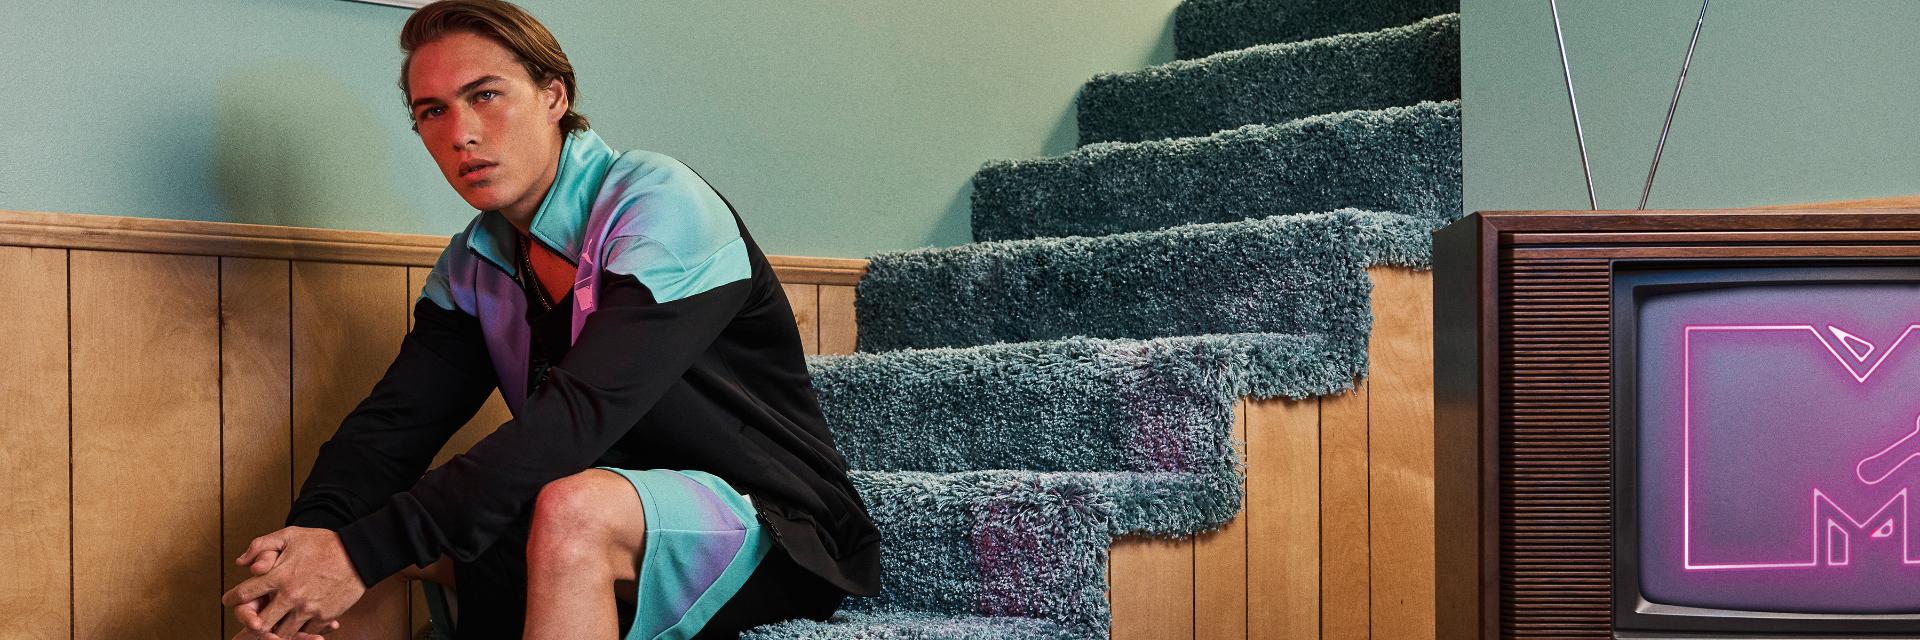 復刻翻玩能量大爆發 流行指標跨界新聯名 PUMA攜手MTV音樂潮流領航家  重塑流行音樂與運動時尚新指標